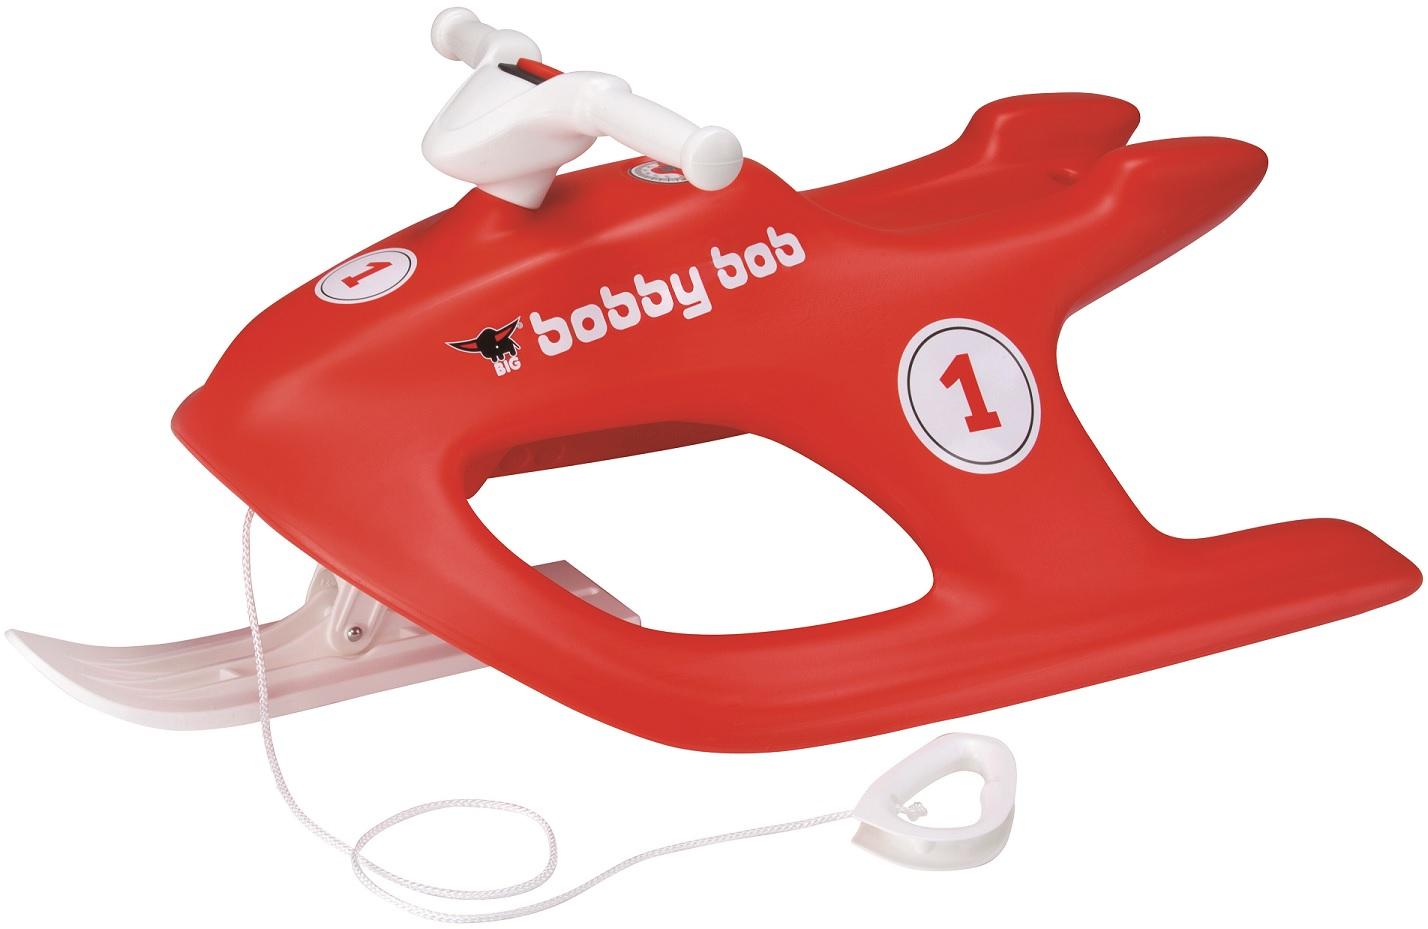 Bobby Bob Детский снегокатСнегокаты<br>Bobby Bob Детский снегокат<br>